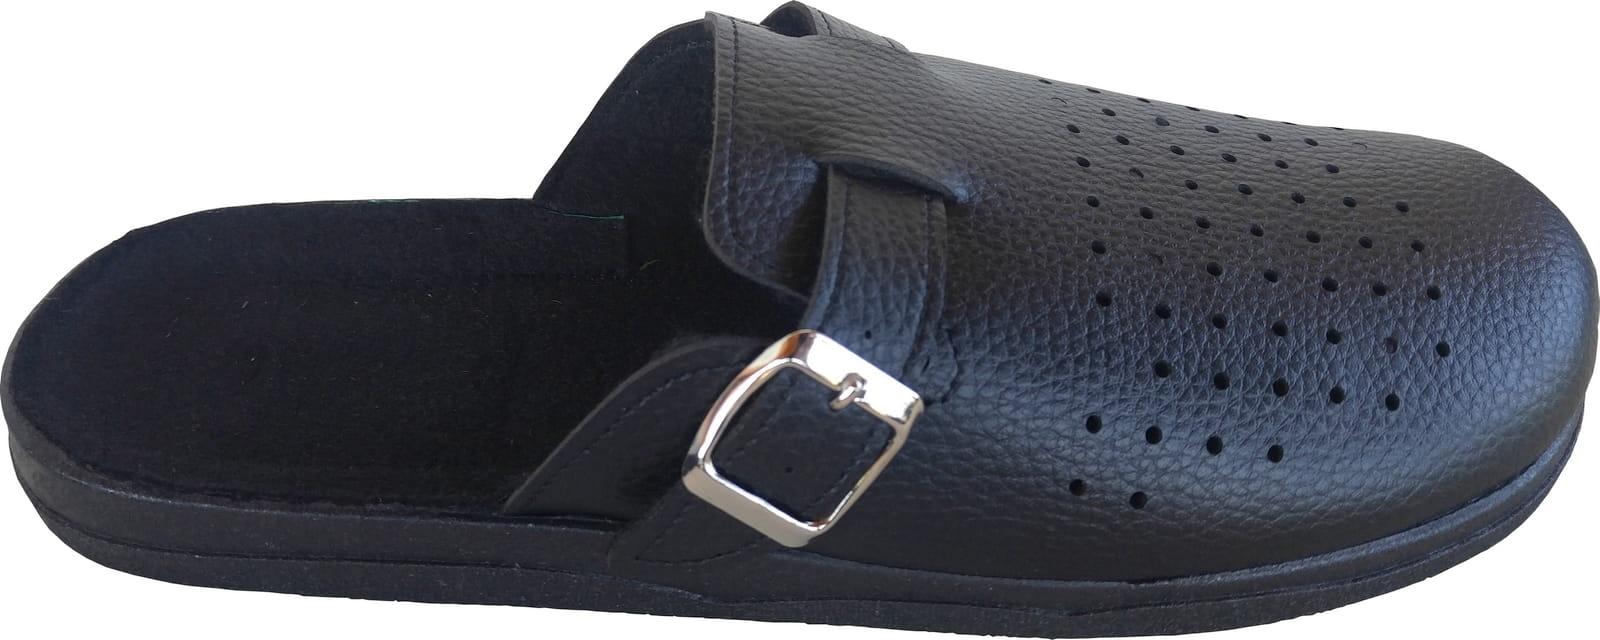 009a957a5e0561 obuwie BHP antypoślizgowe · obuwie BHP antypoślizgowe; obuwie BHP  antypoślizgowe